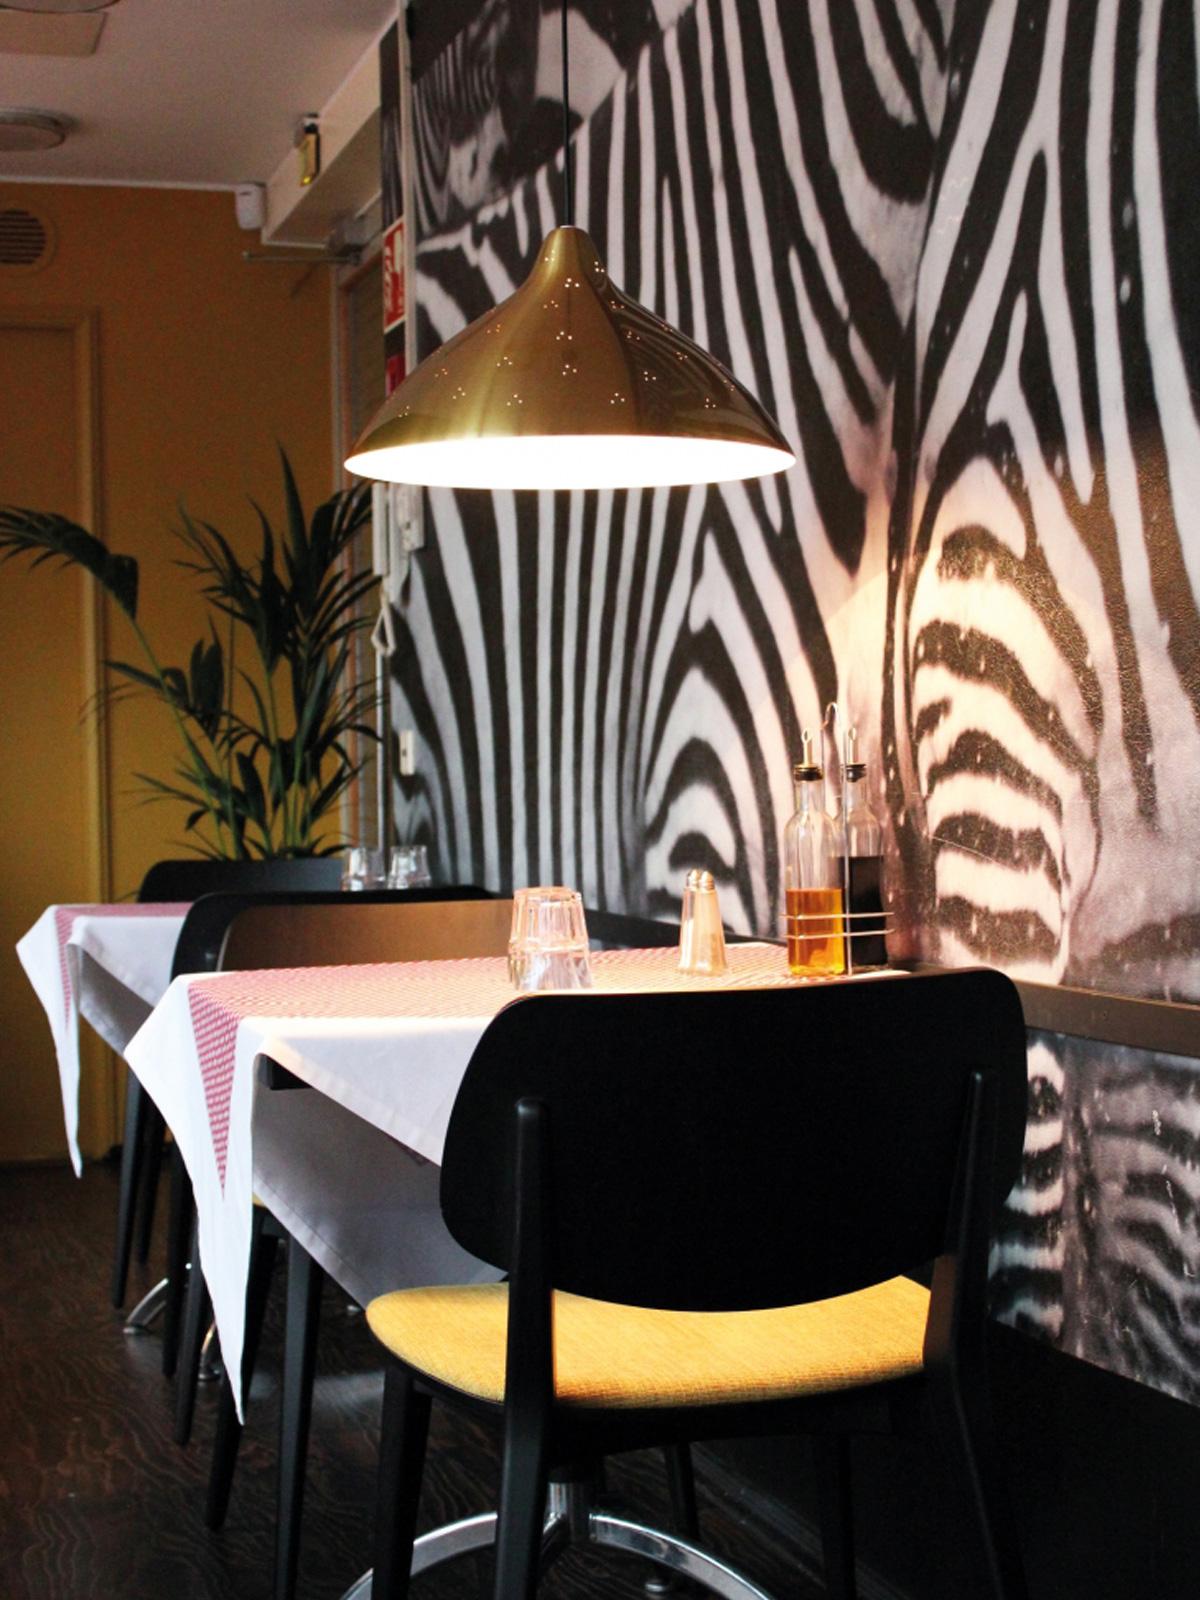 DesignOrt Blog: finnische Designerleuchten Lisa von Lisa Johansson-Pape 1947